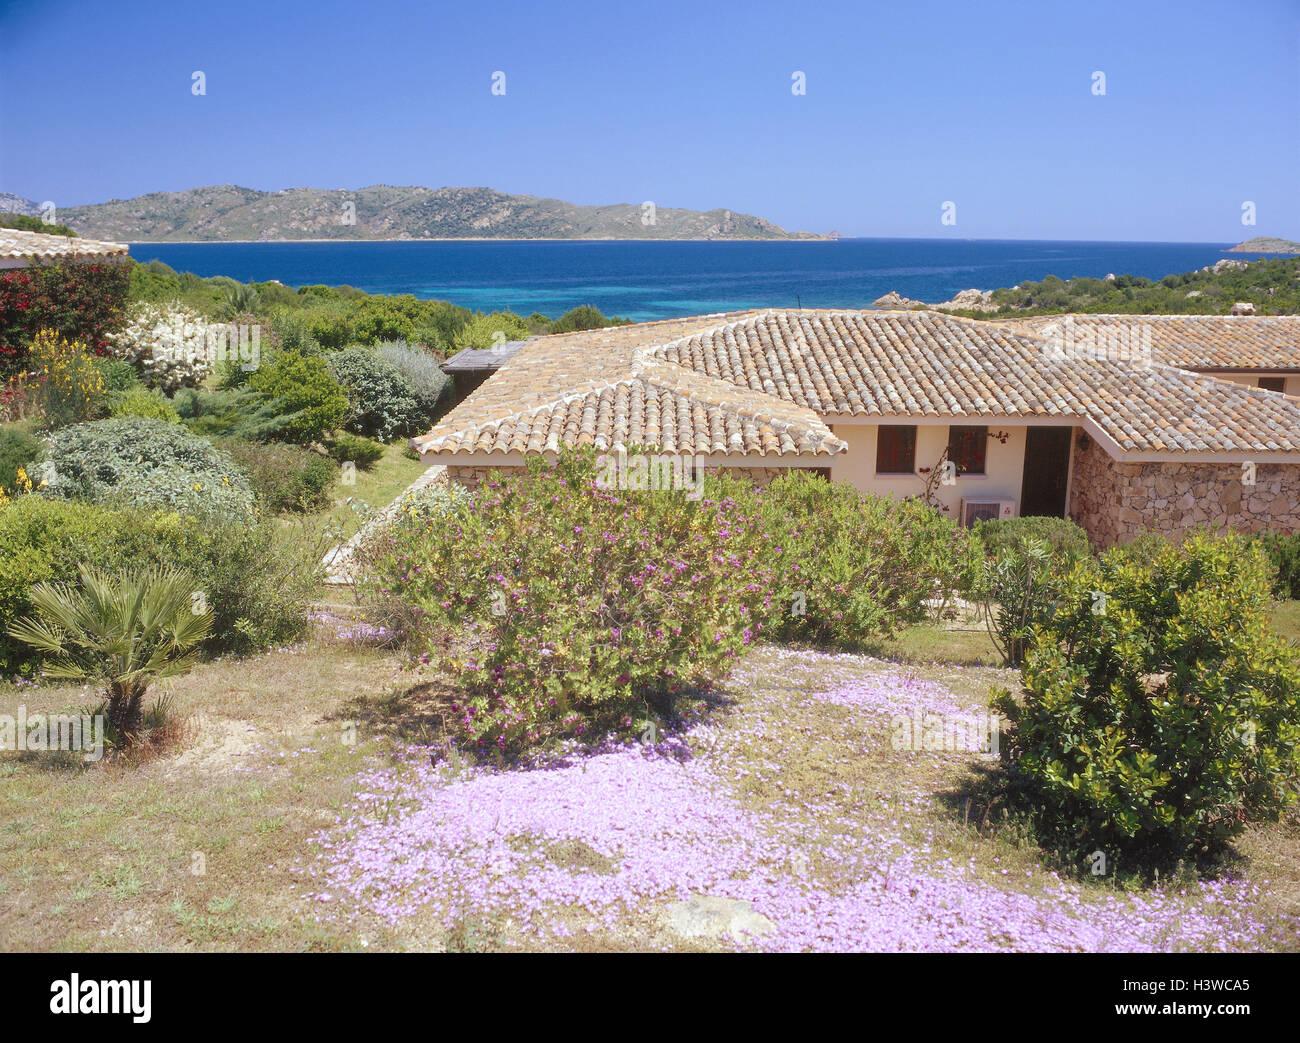 Case Stile Mediterraneo Sardegna : L italia sardegna capo coda cavallo costa casa residenziale